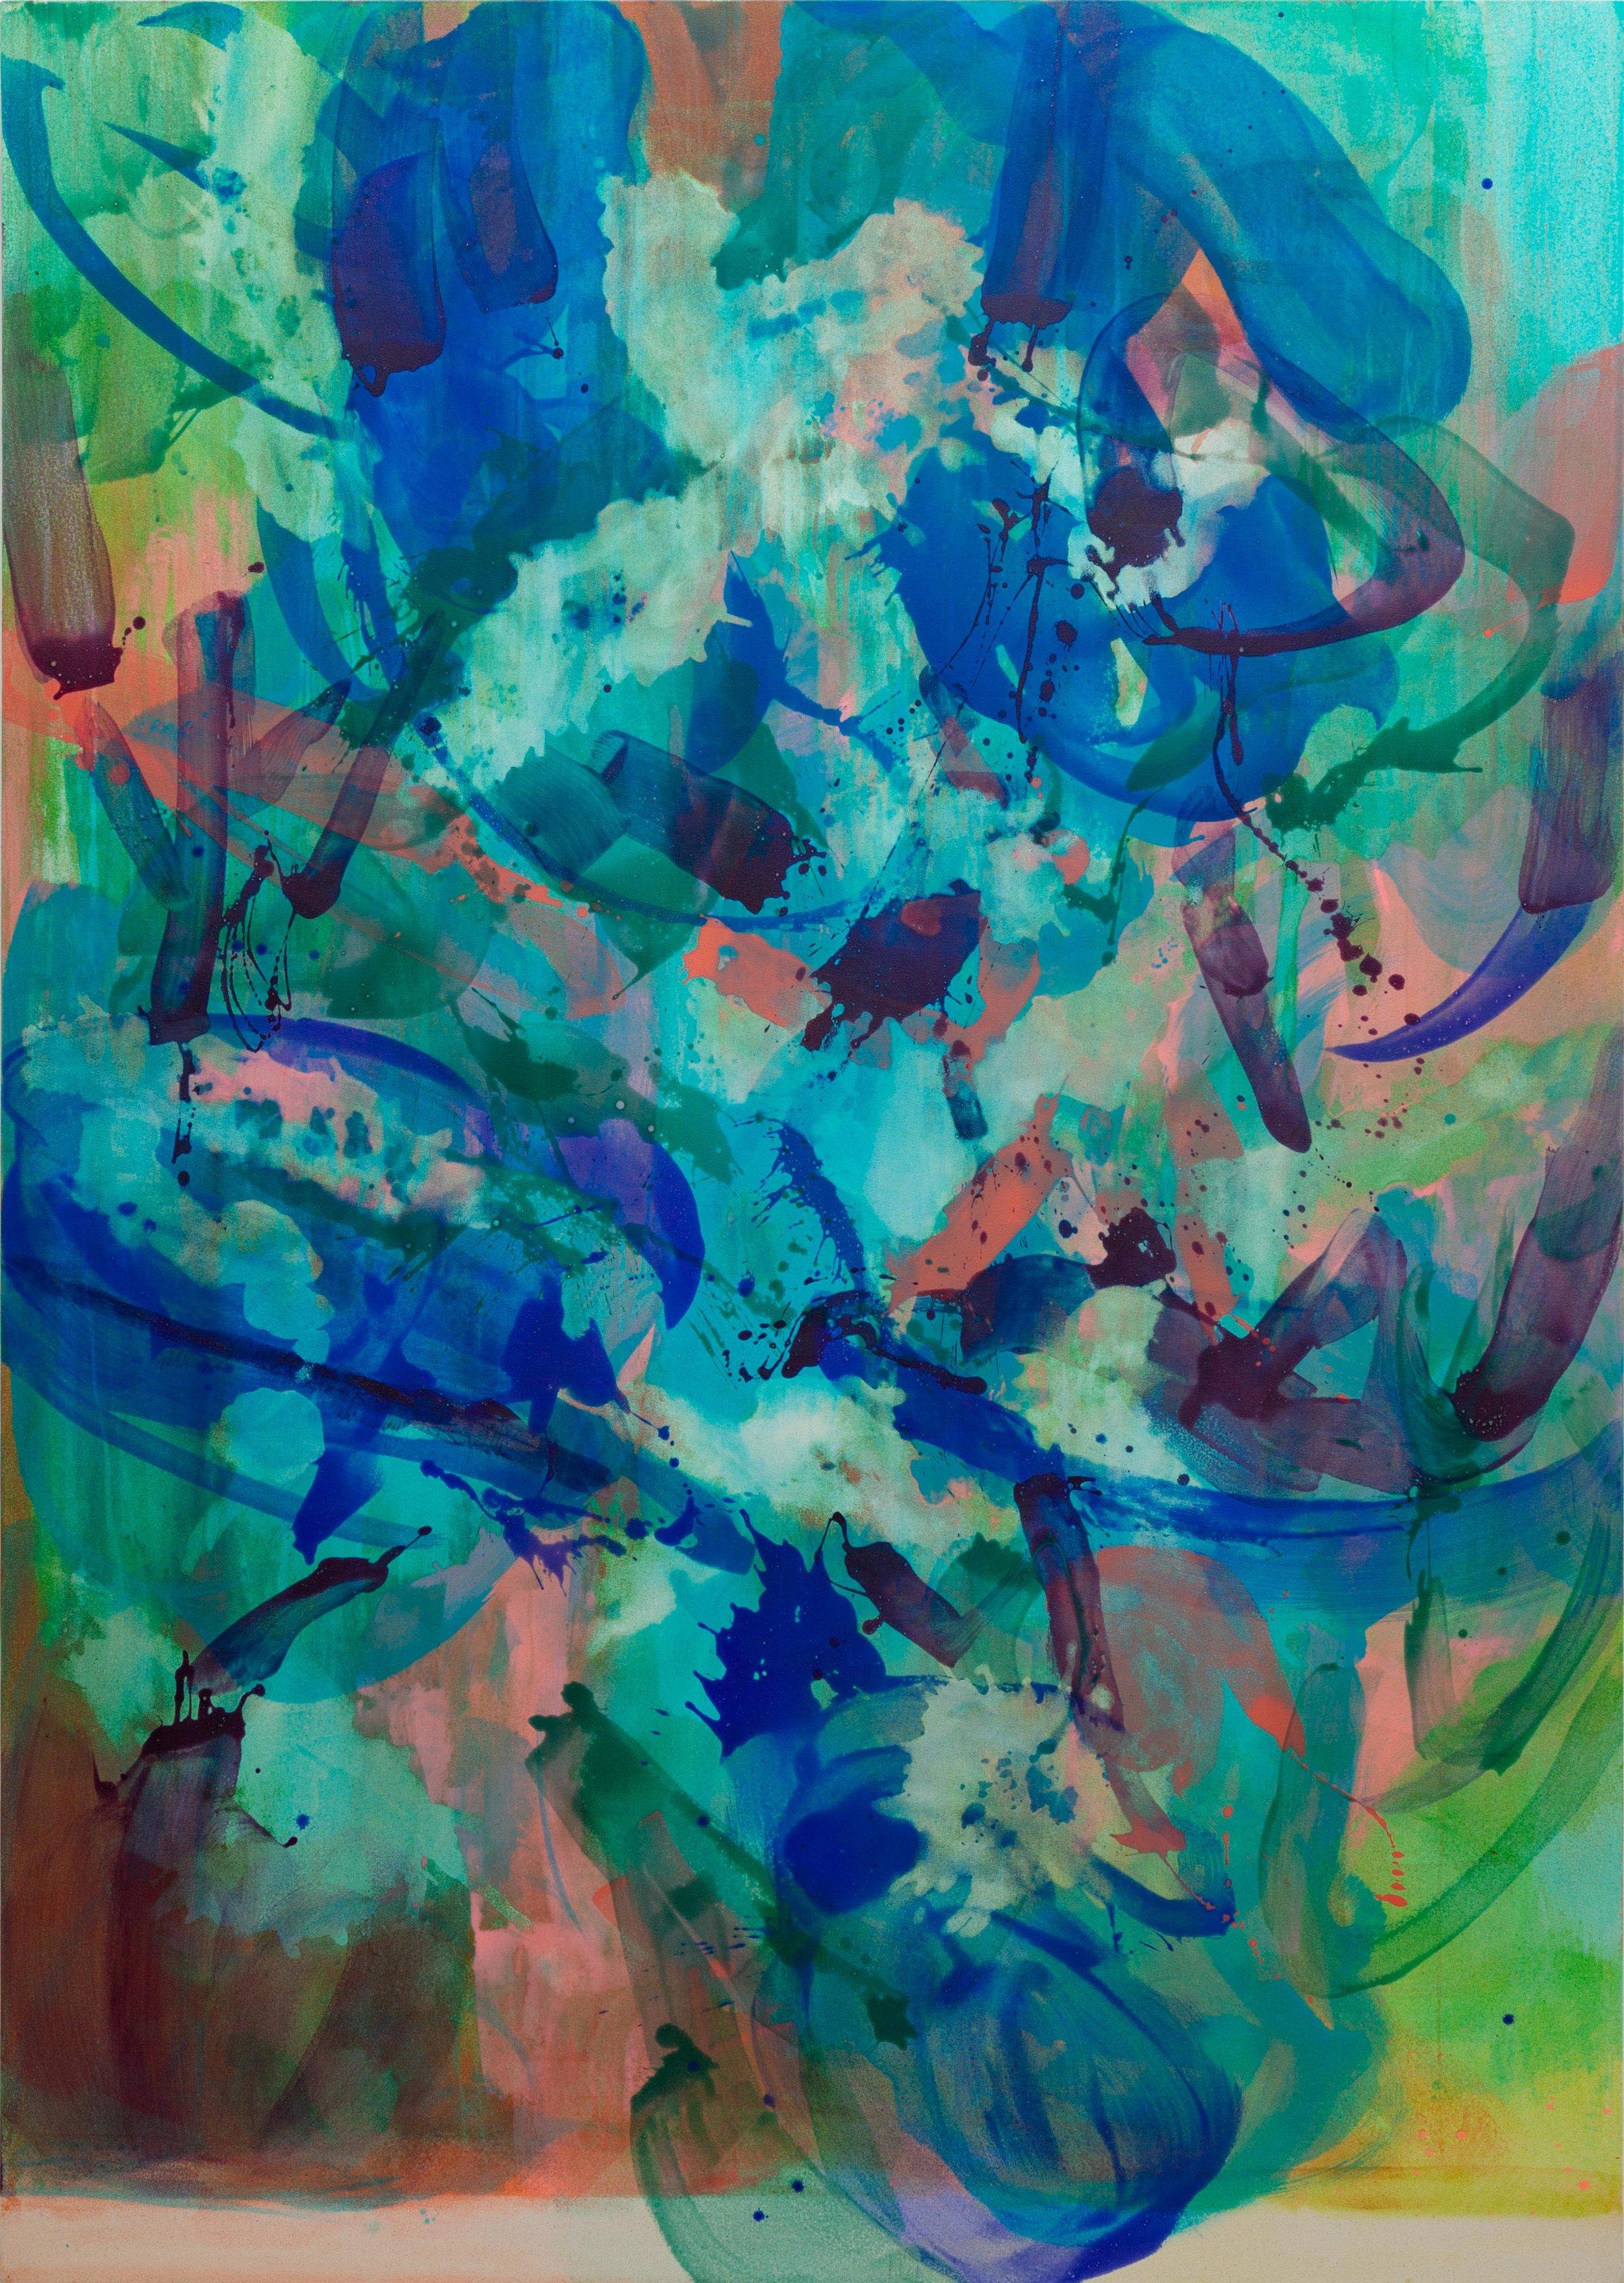 Distemper II  2018-2019  distemper on canvas  (pure pigment, rabbit skin glue)  213 x 152.5 cm